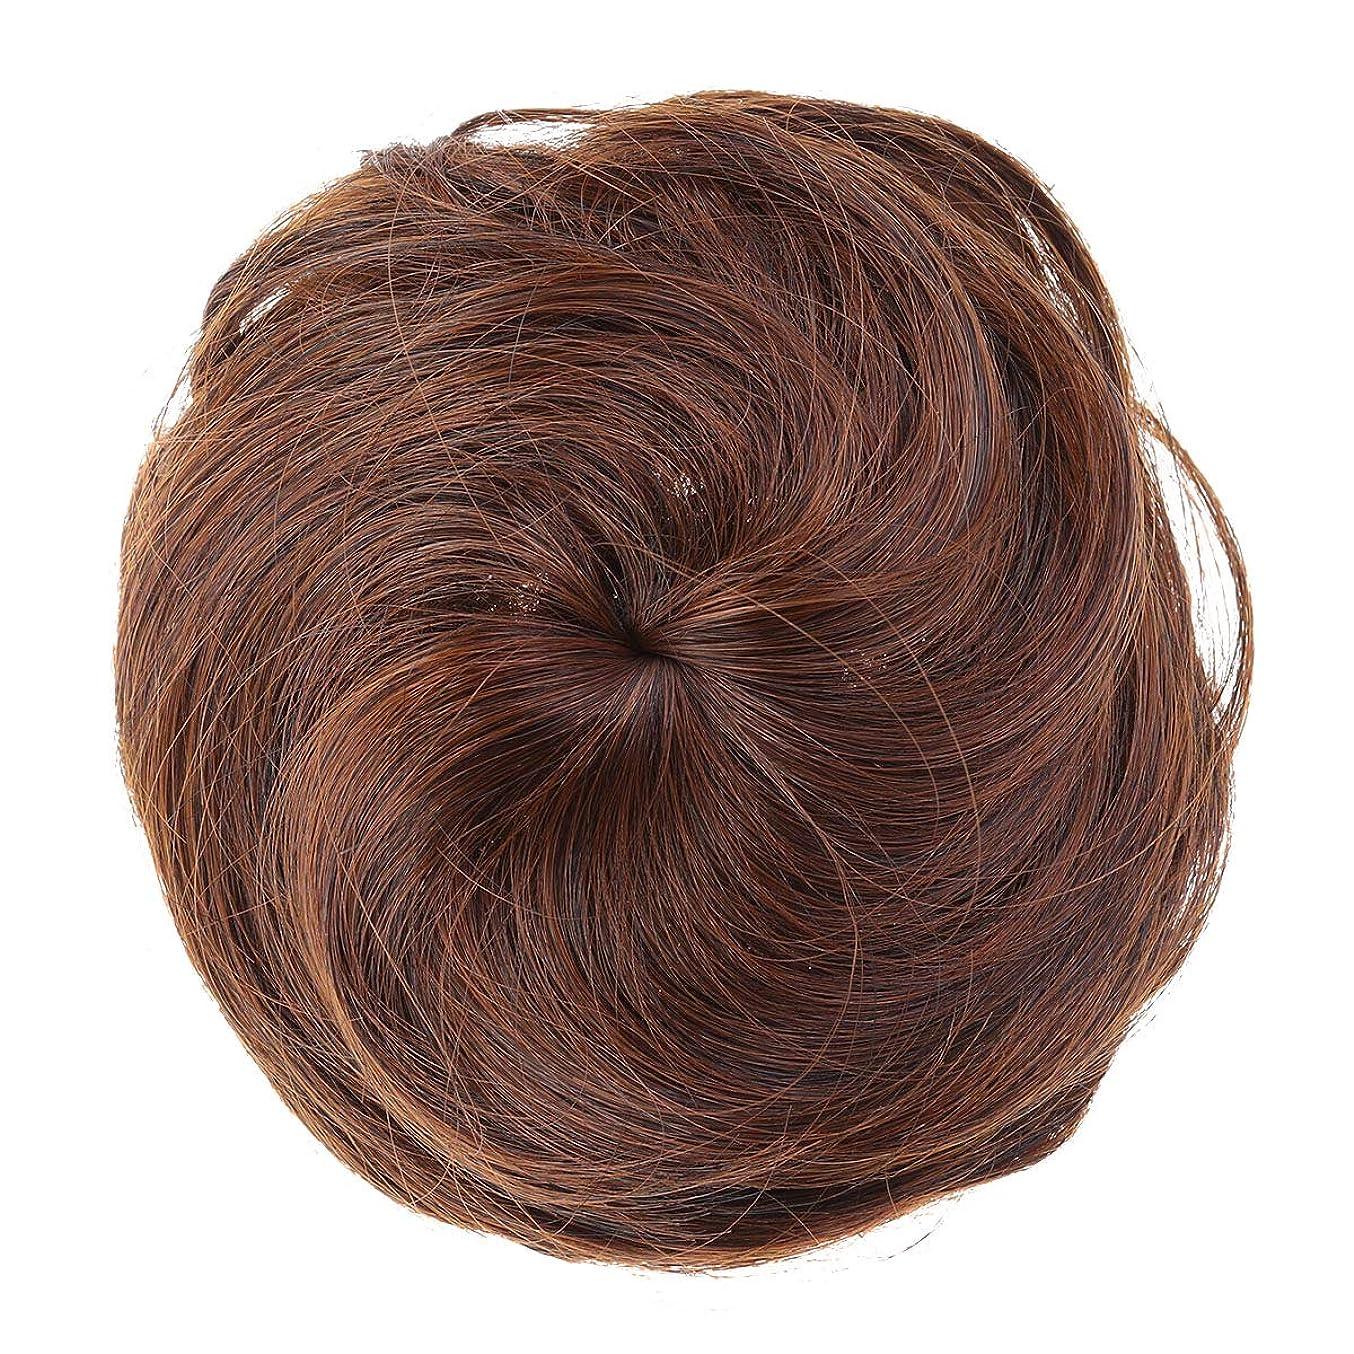 掻く造船デマンドLurrose 女性のための人工毛エクステンションシニョン女性の毛髪のかつらの装飾かつら装飾(ライトブラウン)